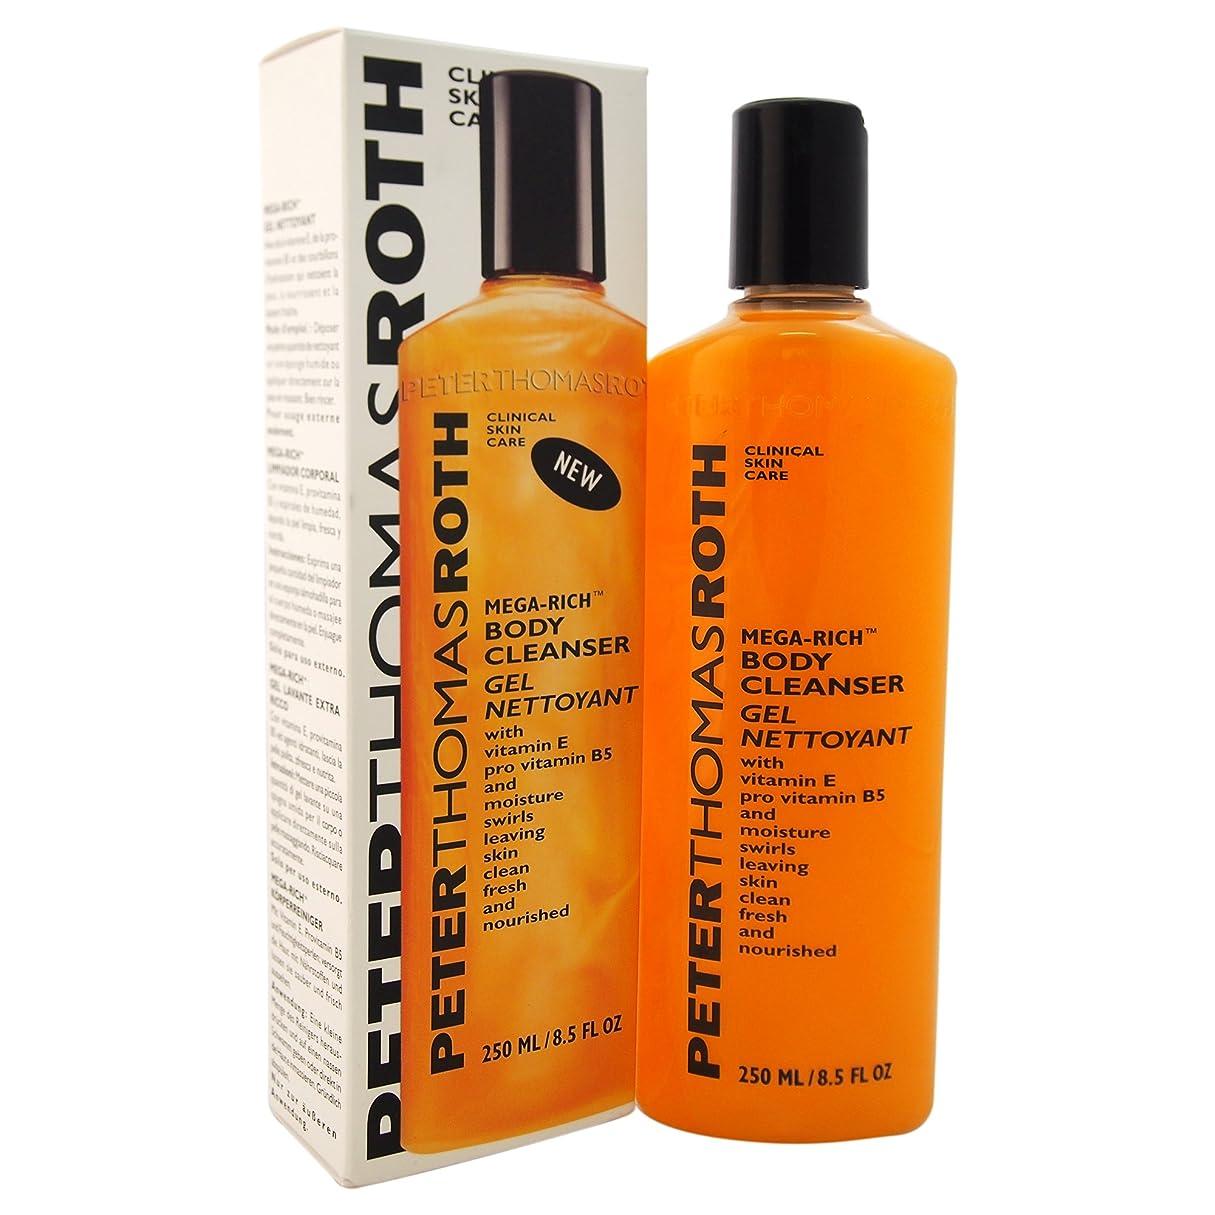 着替える誘発する口径Peter Thomas Roth Mega-Rich Body Cleanser Gel (並行輸入品) [並行輸入品]